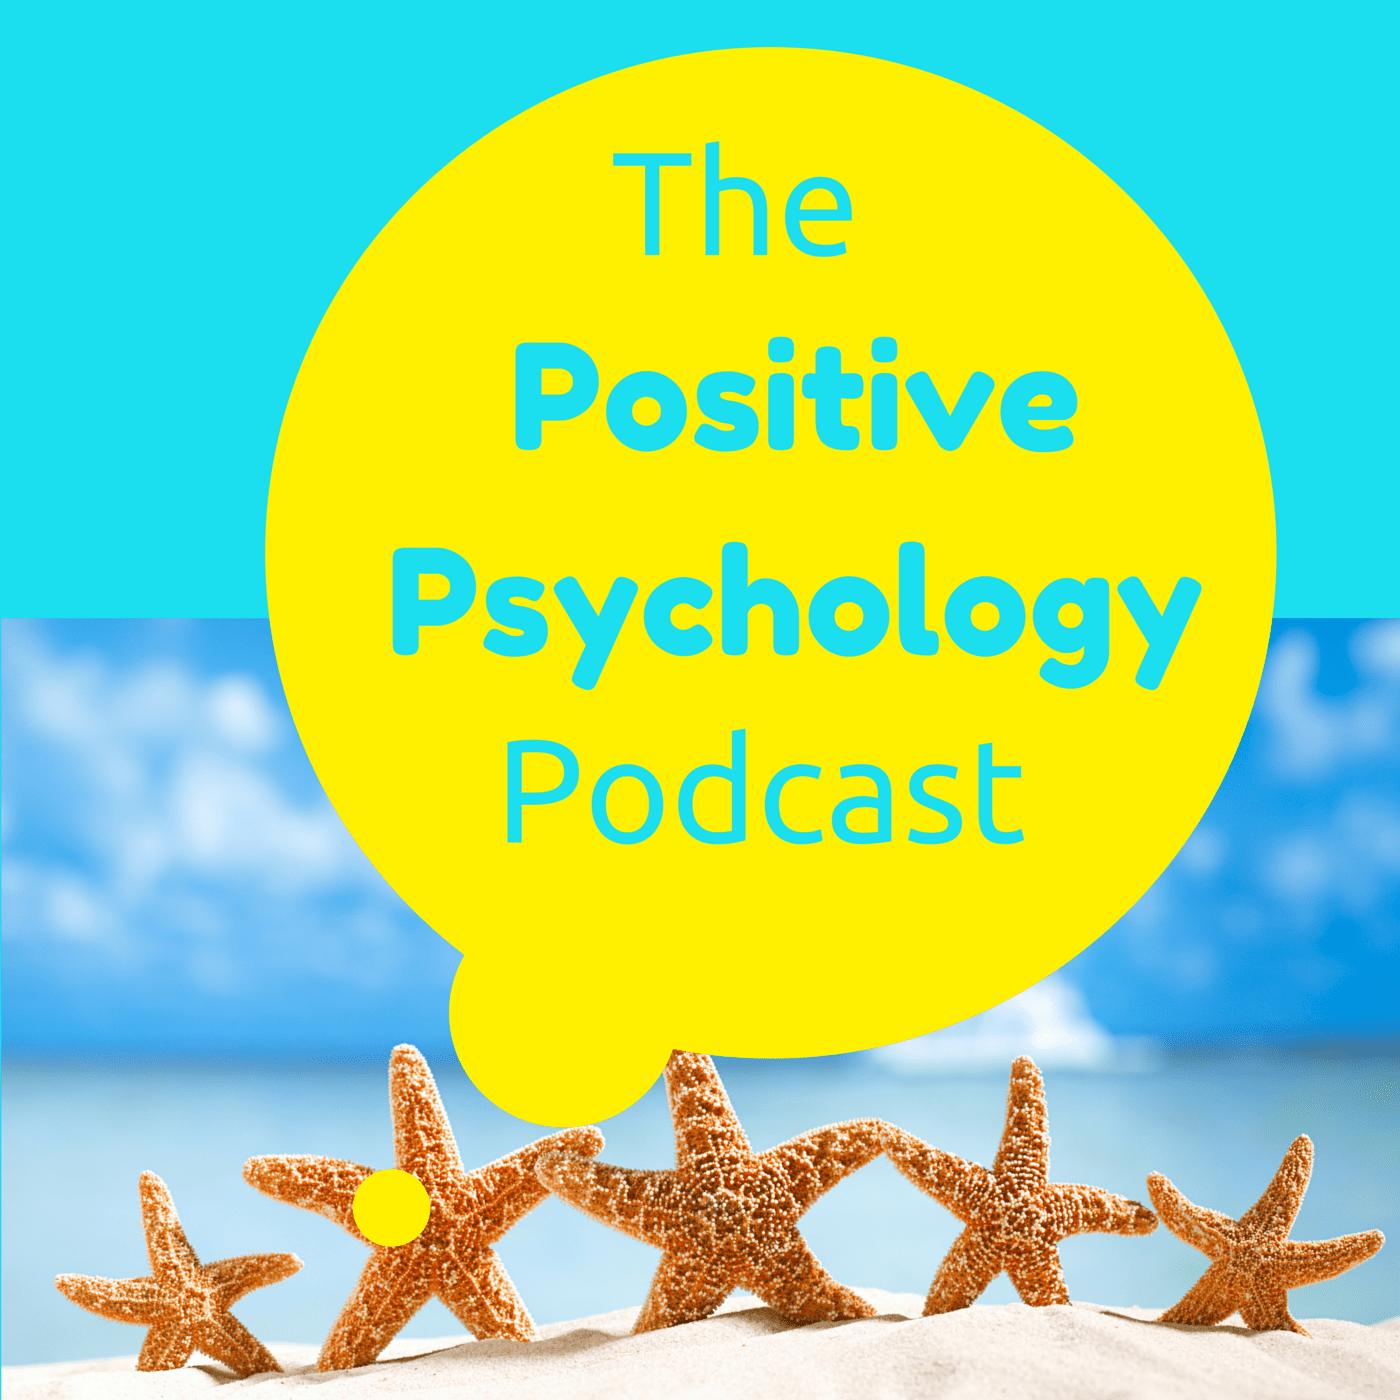 The Positive Psychology Podcast